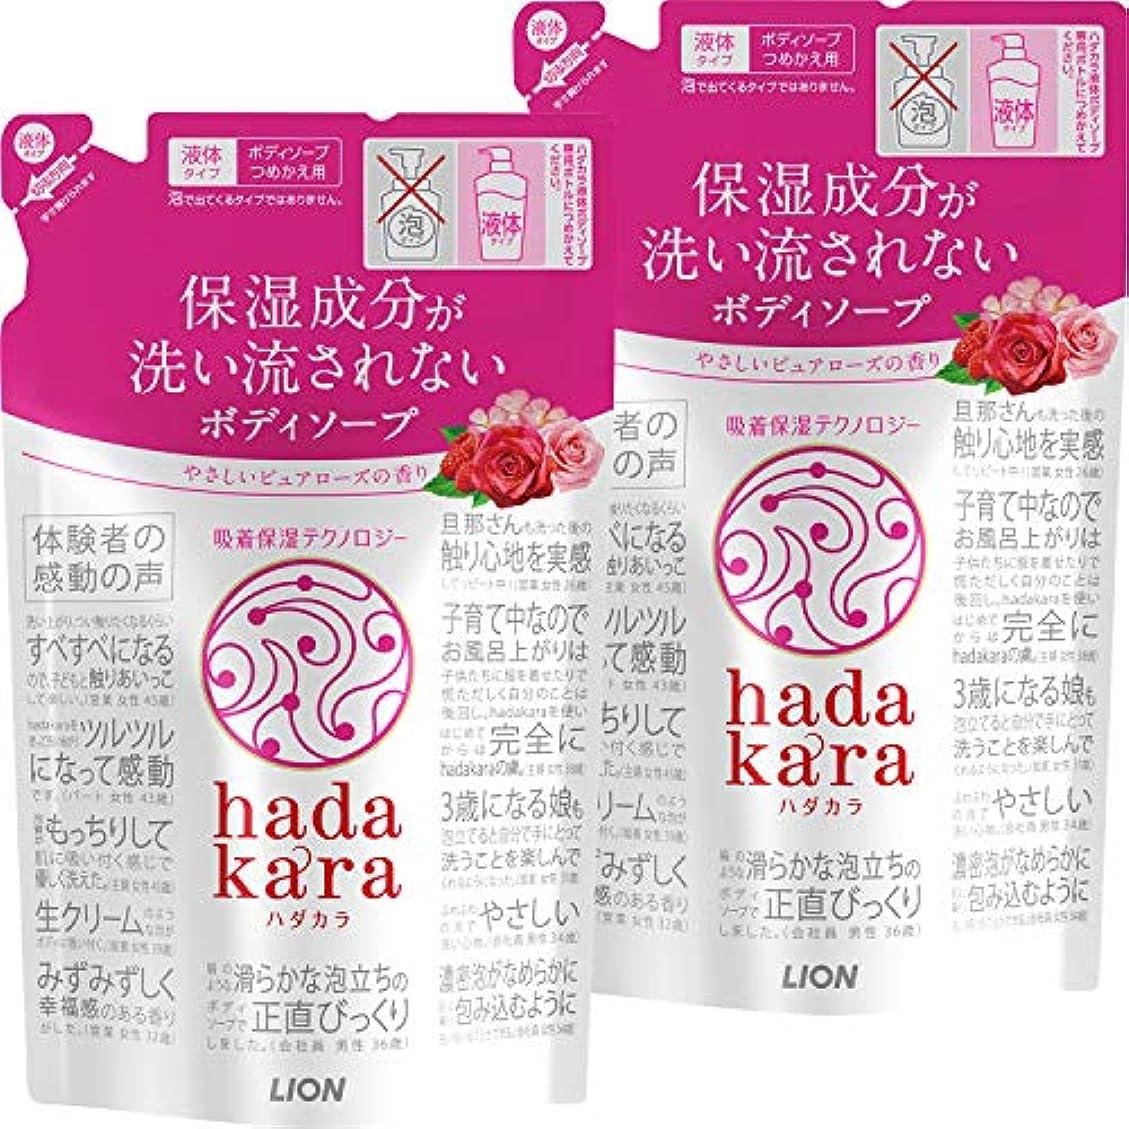 シャックル煙突顎【まとめ買い】hadakara(ハダカラ) ボディソープ ピュアローズの香り 詰め替え 360ml×2個パック